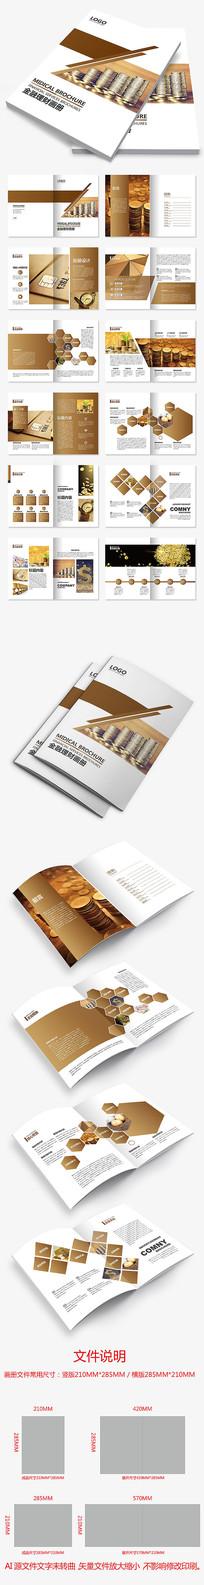 金色科技金融理财银行保险贷款企业画册